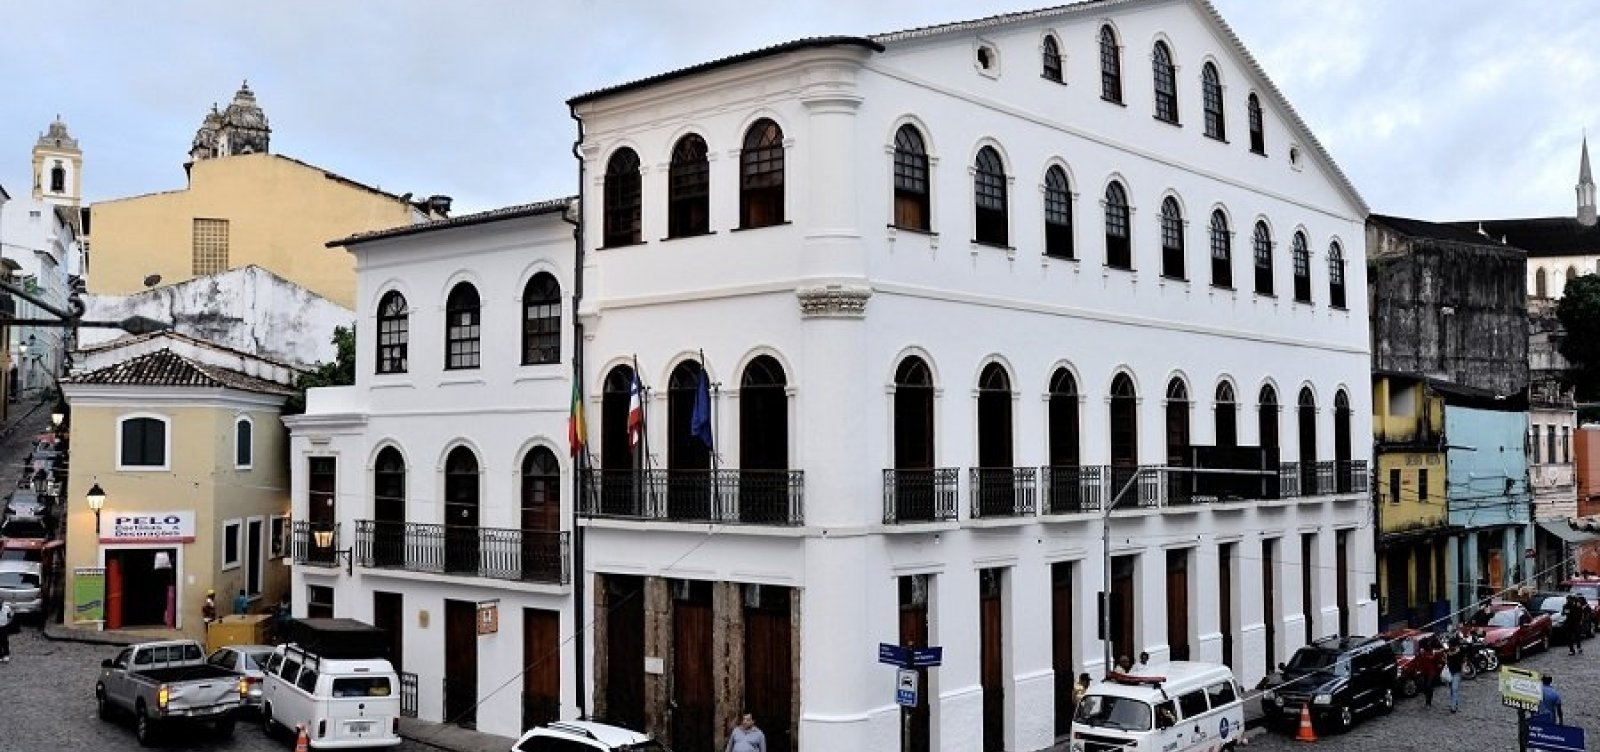 [Após oito meses fechada, Casa do Benin reabre com programação especial]